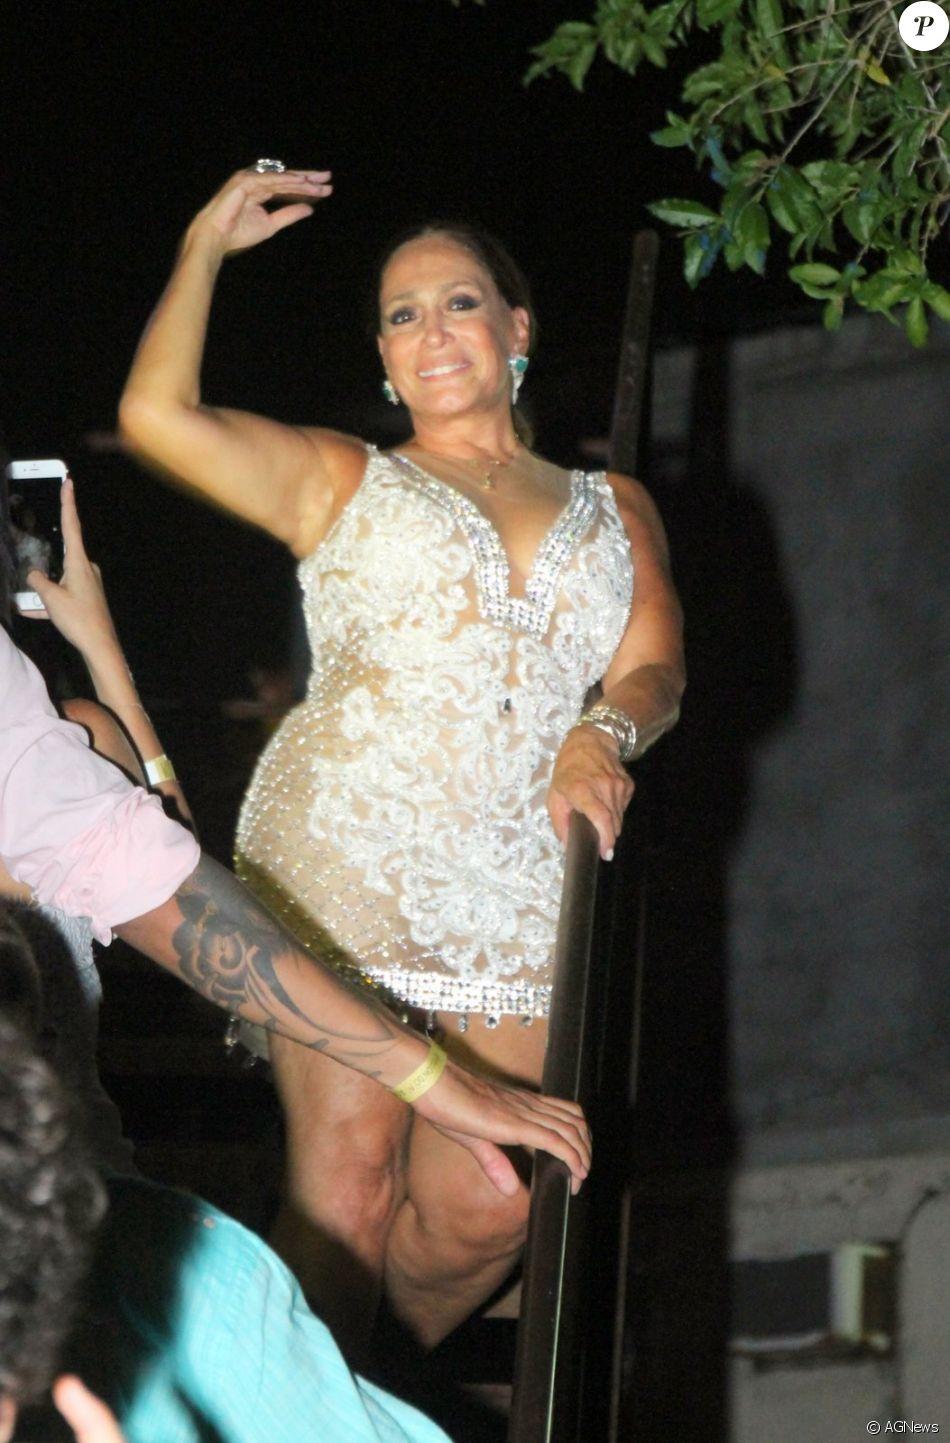 Susana Vieira ousou ao usar um vestido decotado e transparente para o Réveillon na madrugada deste domingo, 1º de janeiro de 2017